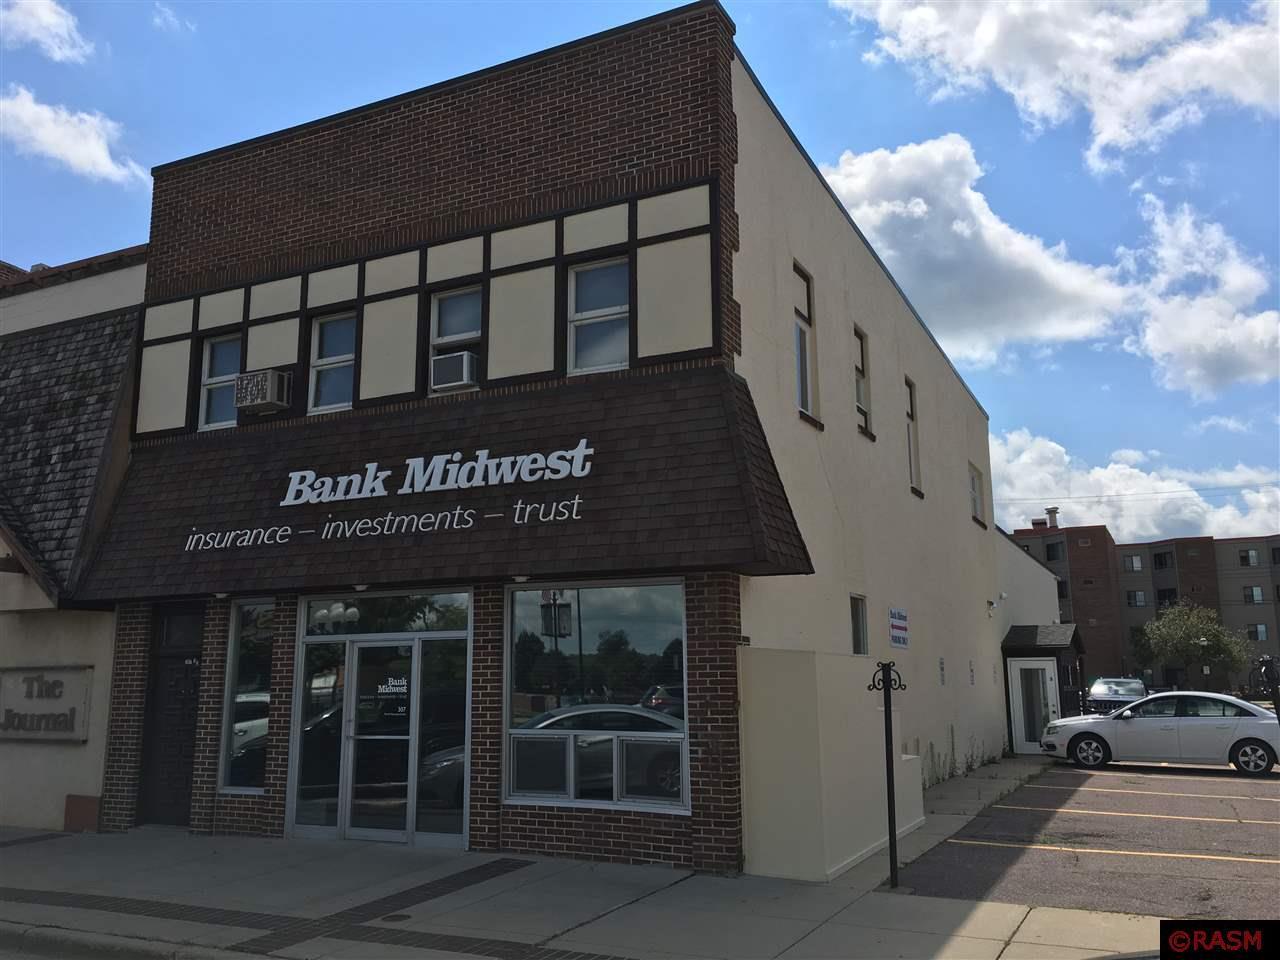 307 N. Minnesota St.